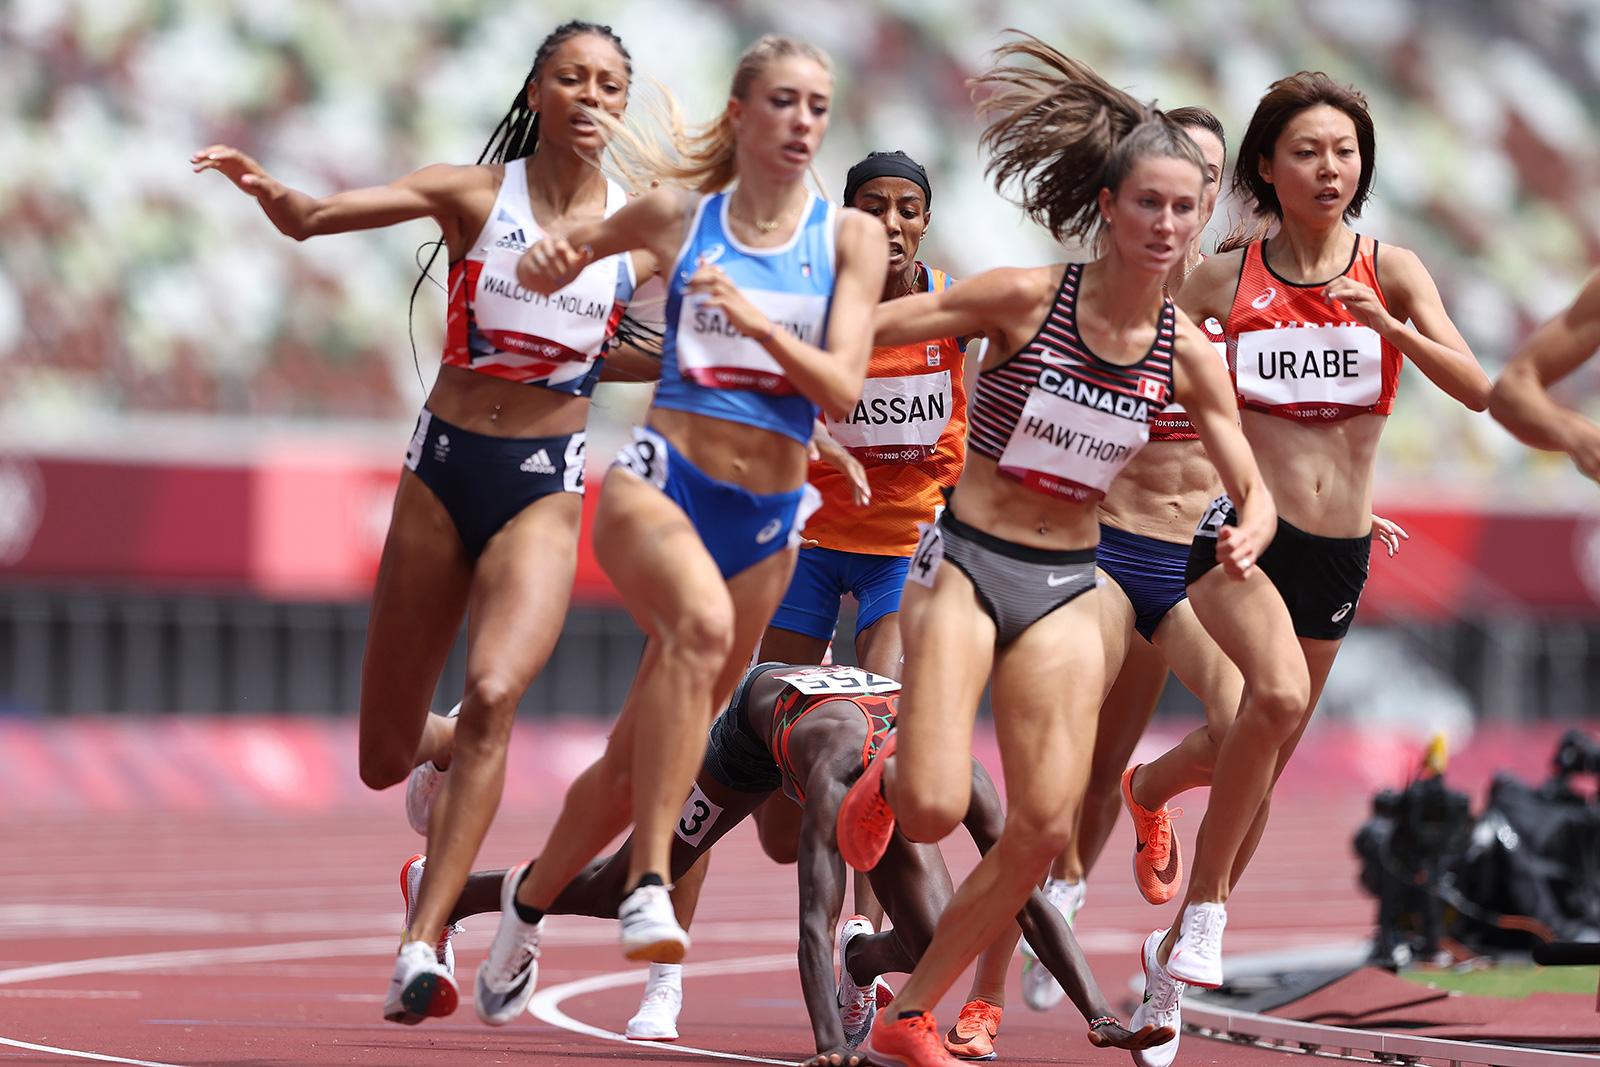 Kenyan runner Edinah Jebitok falls, tripping Sifan Hassan during a 1500 meter heat on Monday.